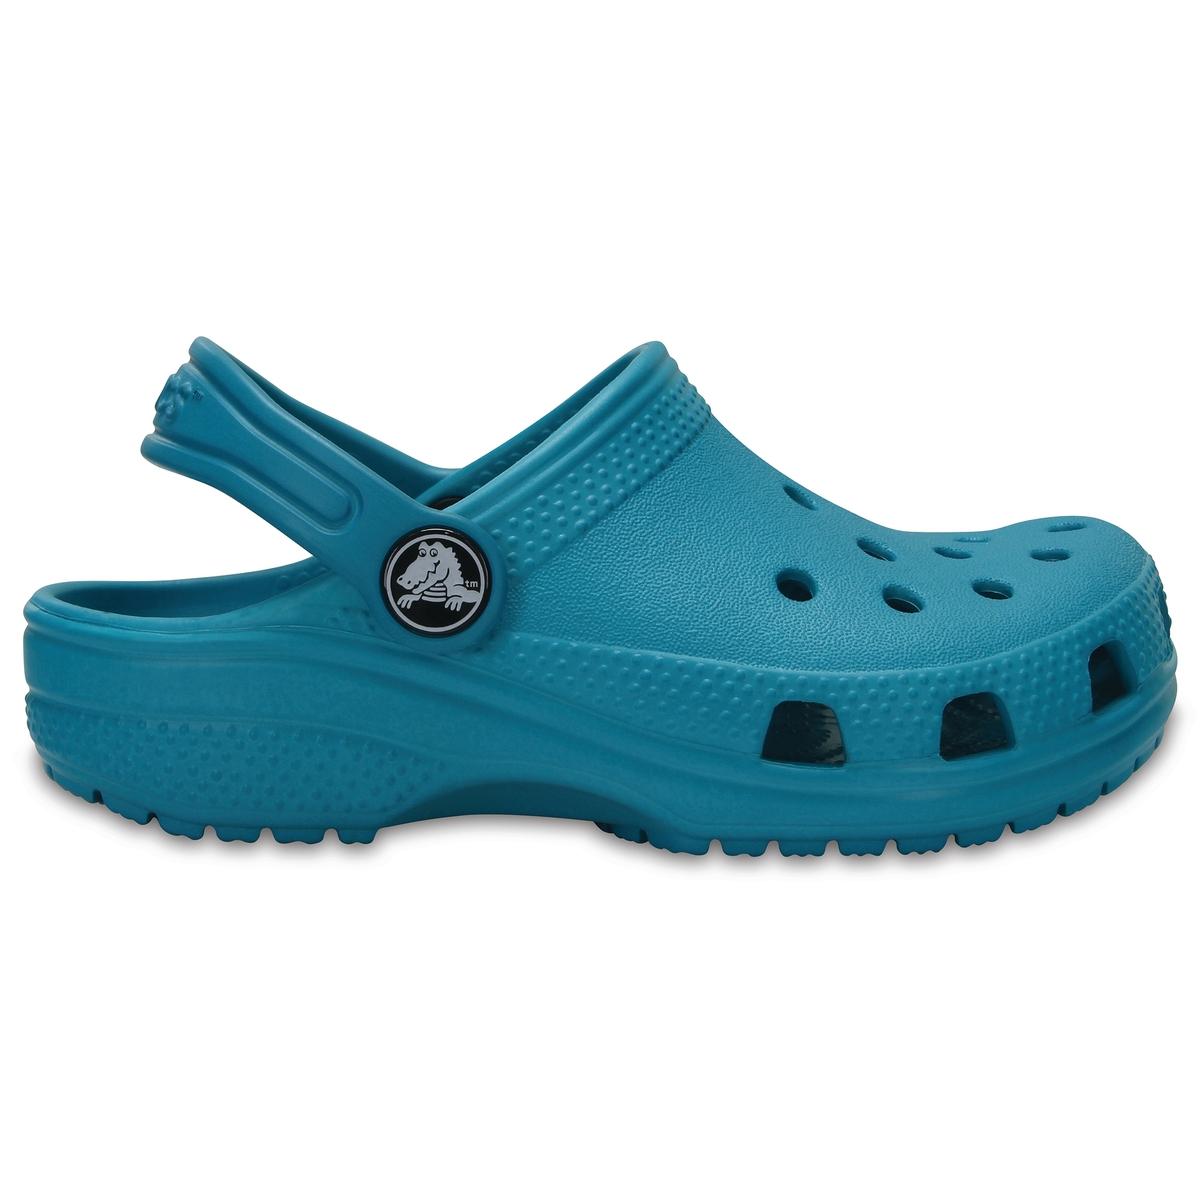 Сабо Classic Clog KidsДетали •  Сабо •  Высота каблука : 1,5 см •  Застежка : ремешок/пряжка •  Круглый мысок •  Гладкая отделкаСостав и уход •  Верх 100% синтетический материал •  Подошва 100% синтетический материал<br><br>Цвет: бирюзовый,темно-синий<br>Размер: 24/25